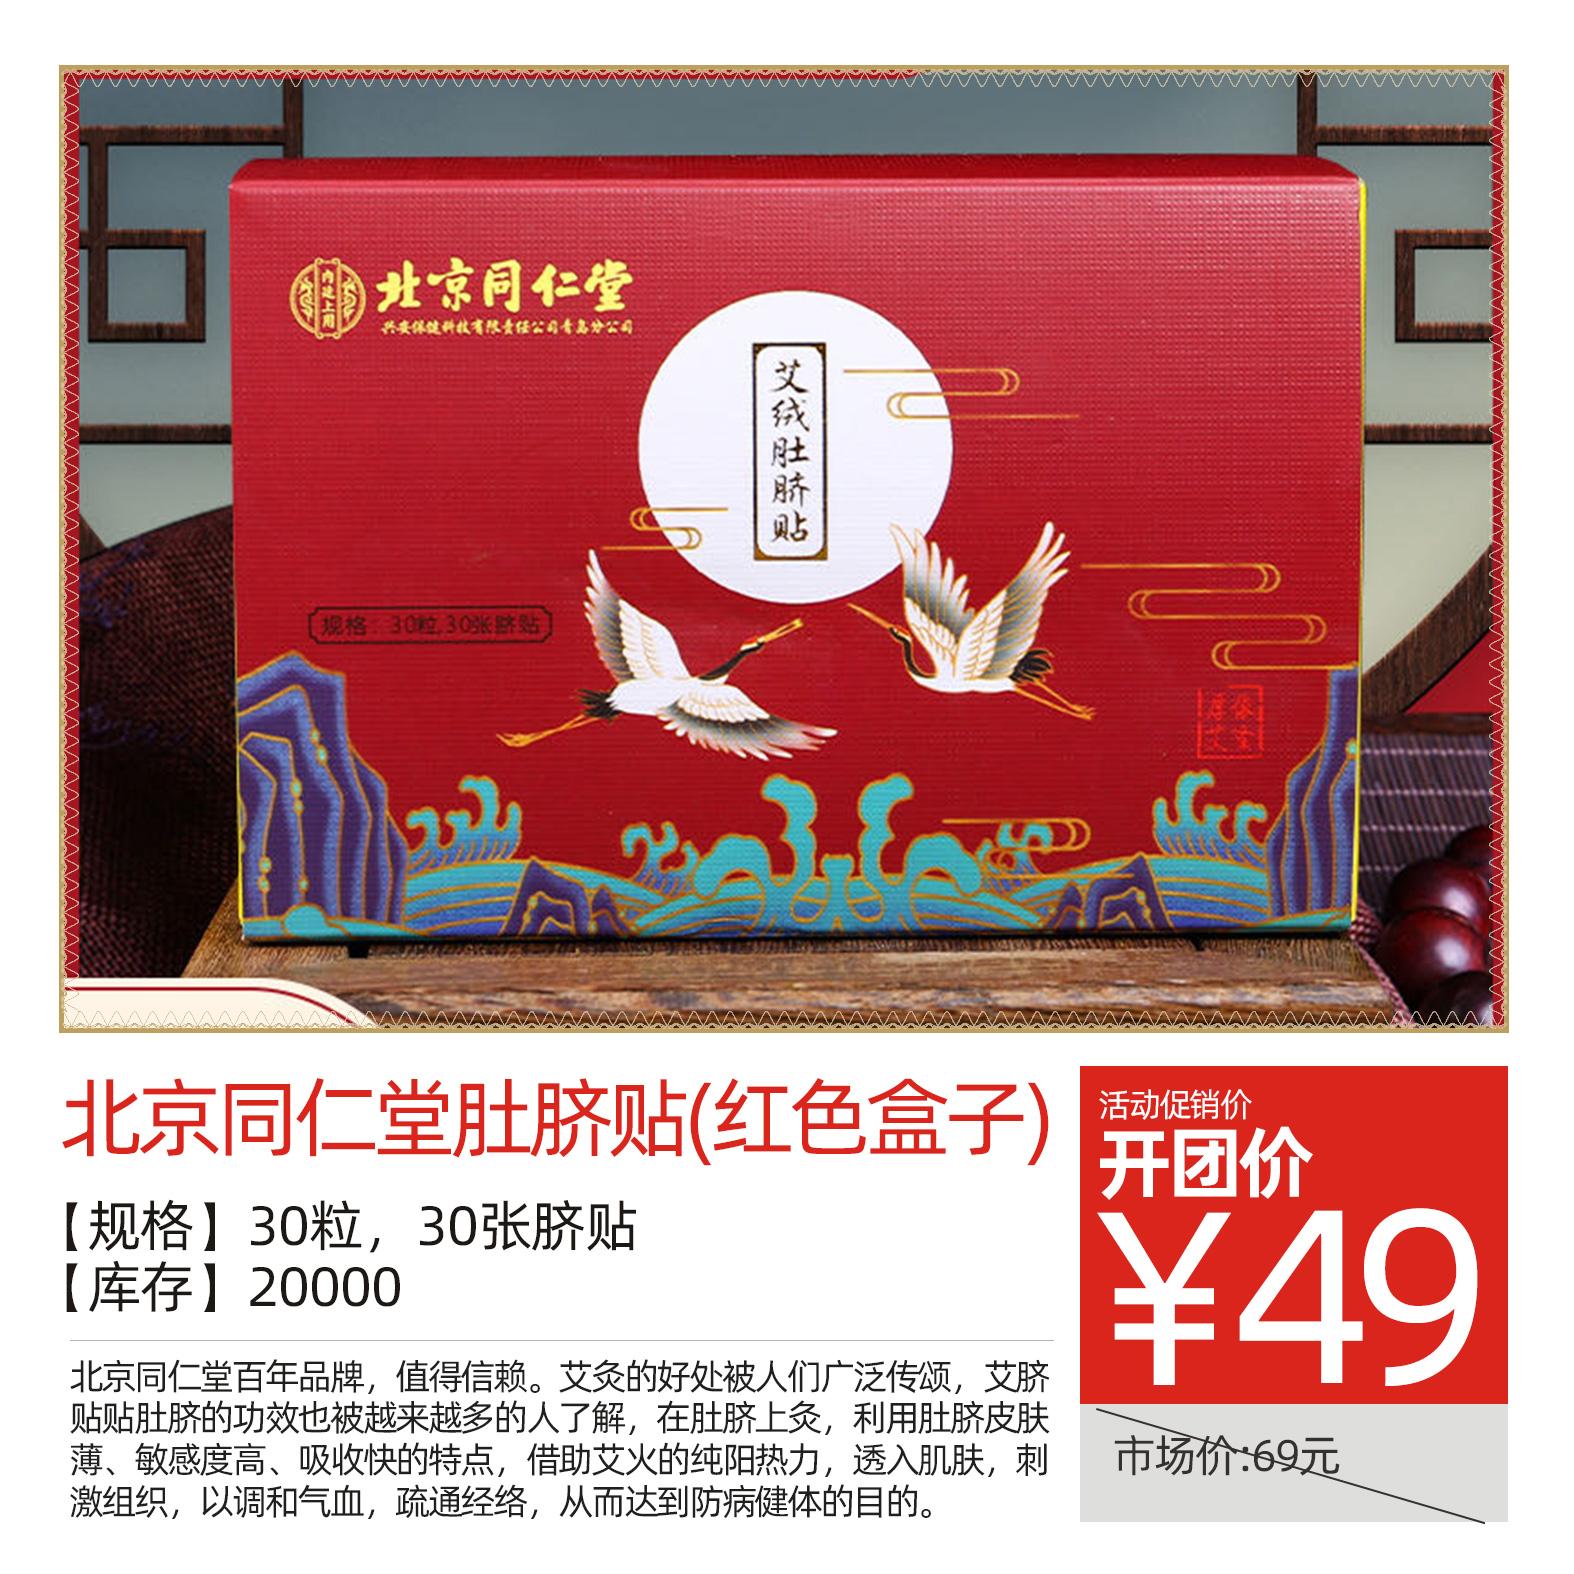 北京同仁堂肚脐贴(红色盒子)